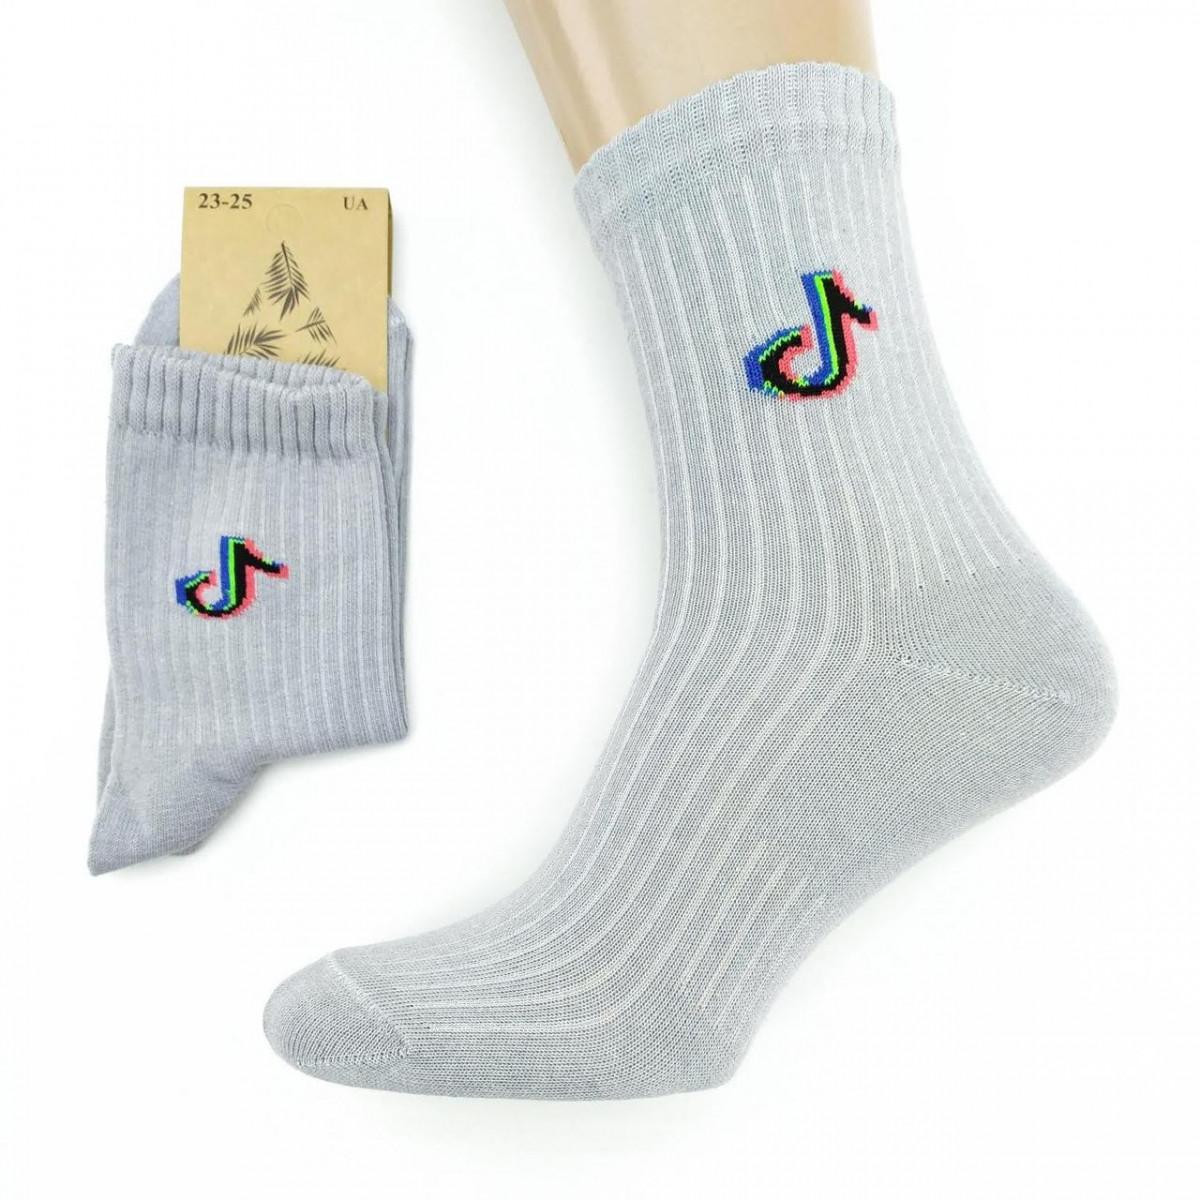 Носки женские демисезонные средние Loft Socks 23-25р Tik-Tok серые 20035358